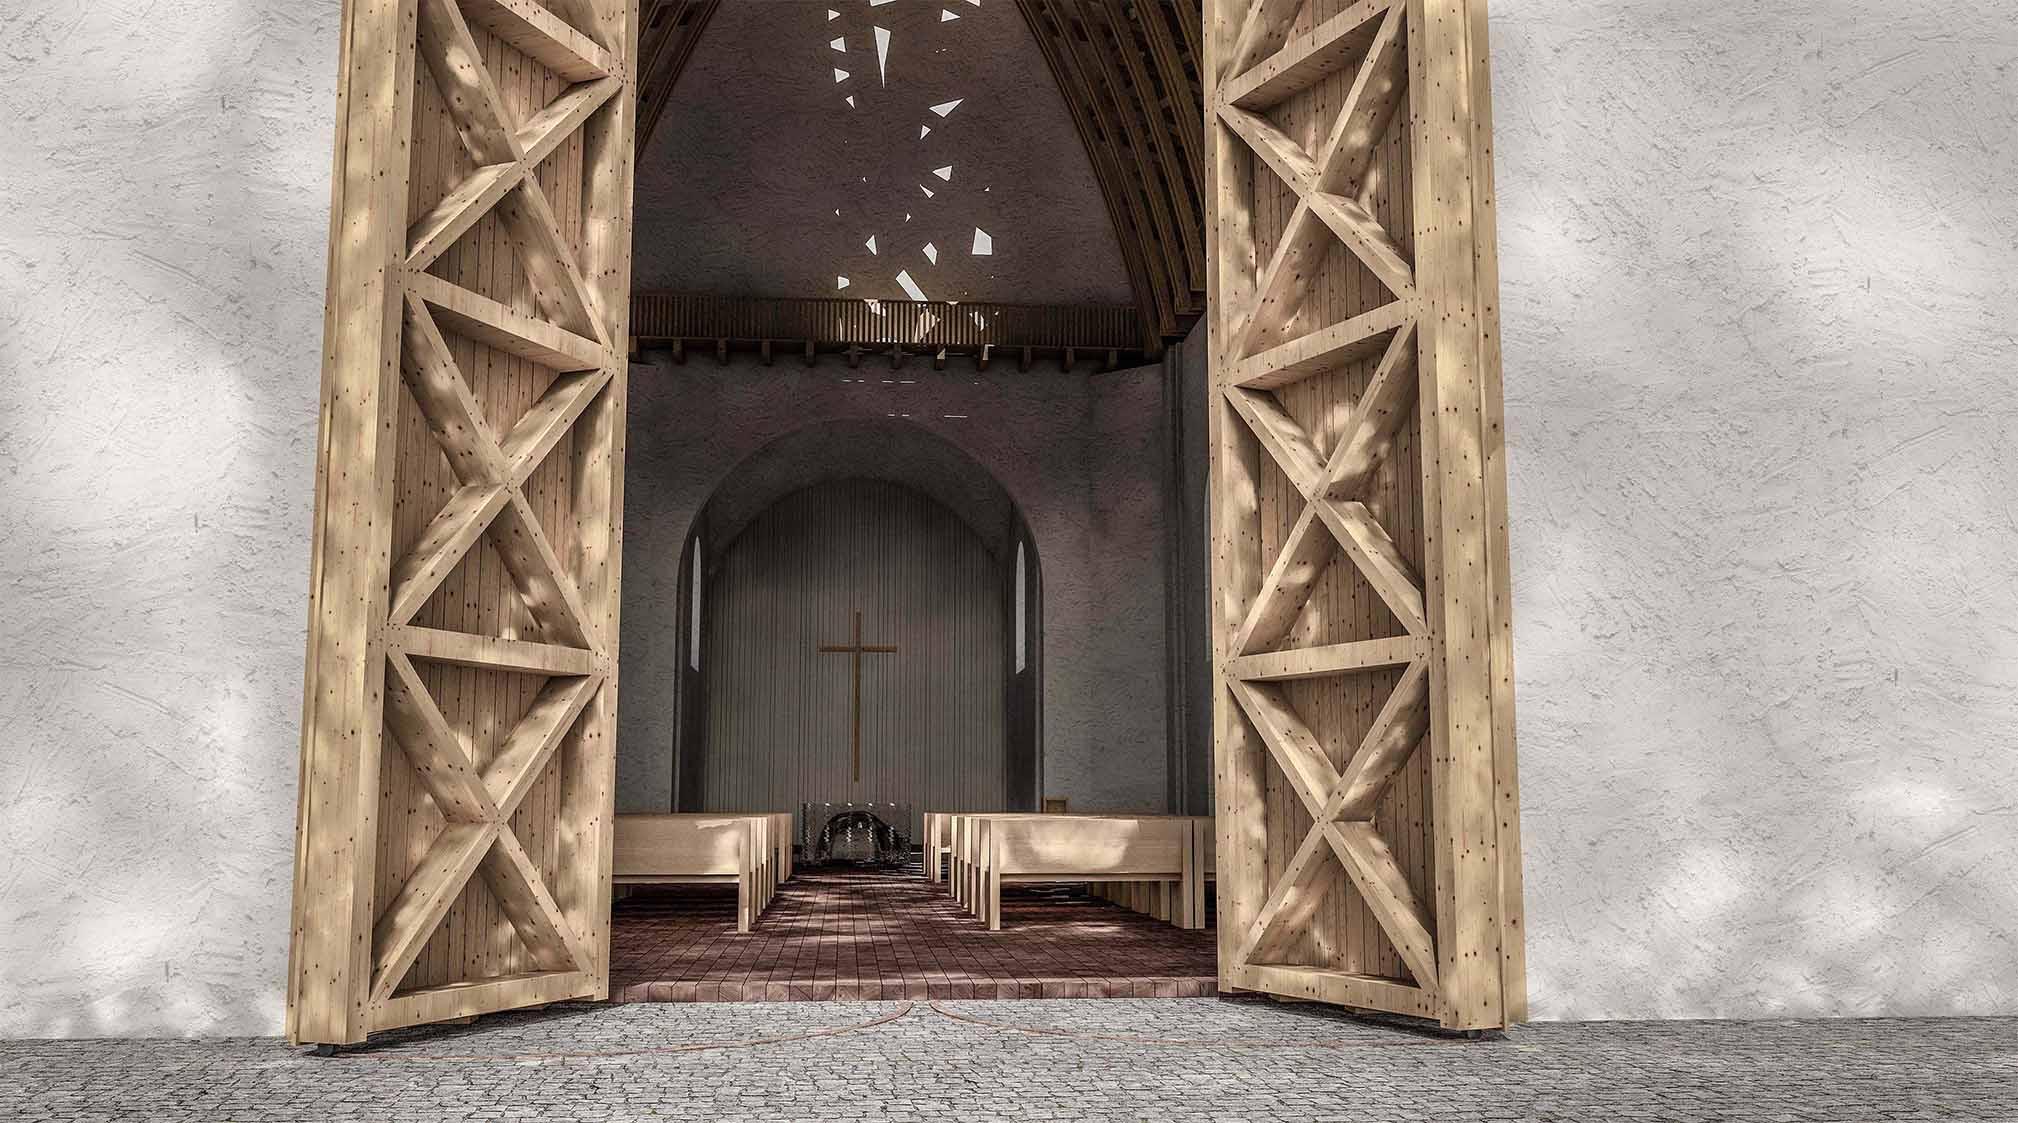 Kostel Panny Marie Dobré rady - vizualizace dřevěné brány vstupu do kostela. Autor: Kurz architekti